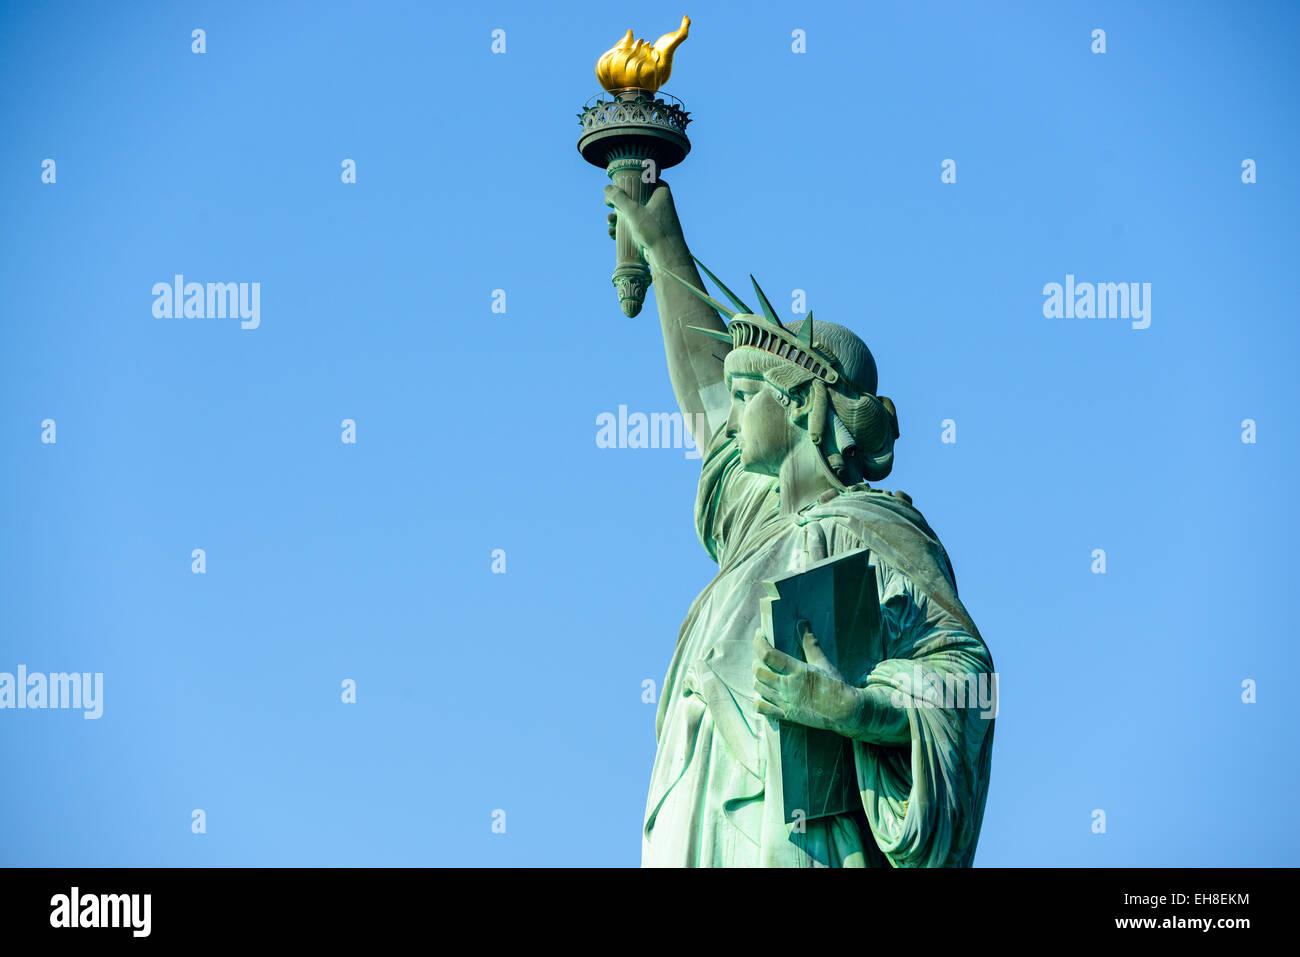 Statua della Libertà di New York City. Foto Stock